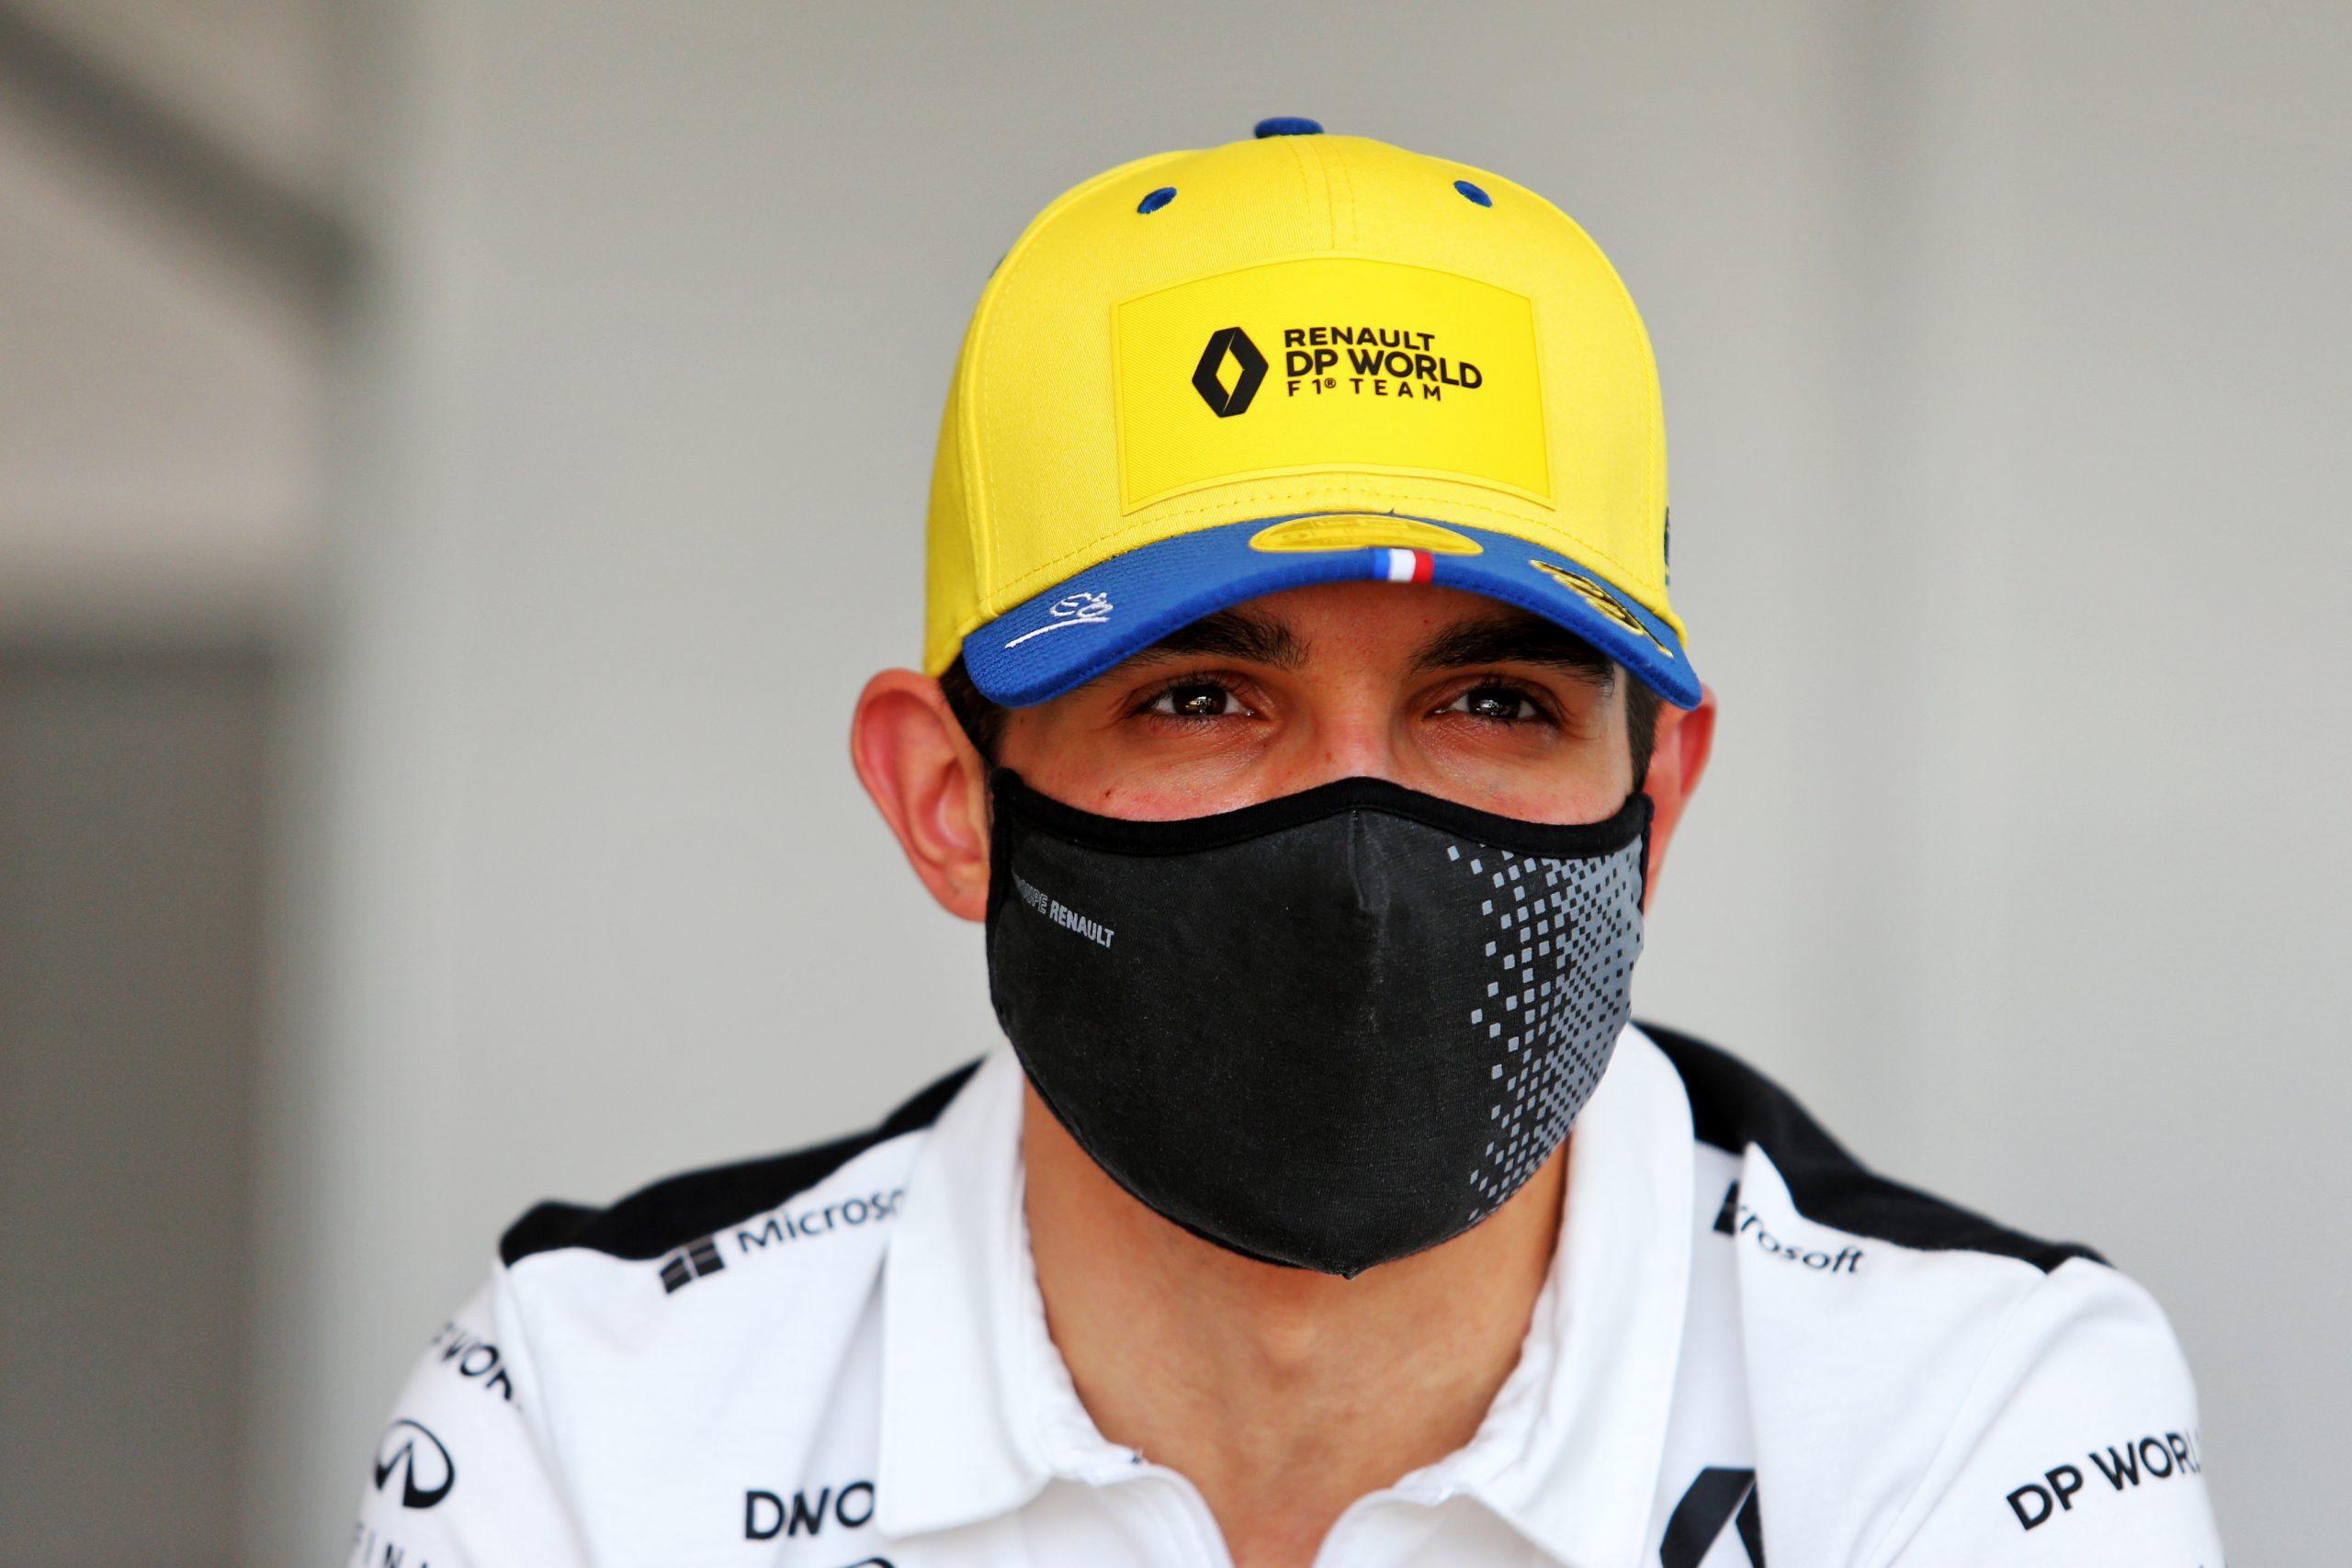 Esteban Ocon très heureux de pouvoir rouler aux côtés d'Alonso en 2021 1